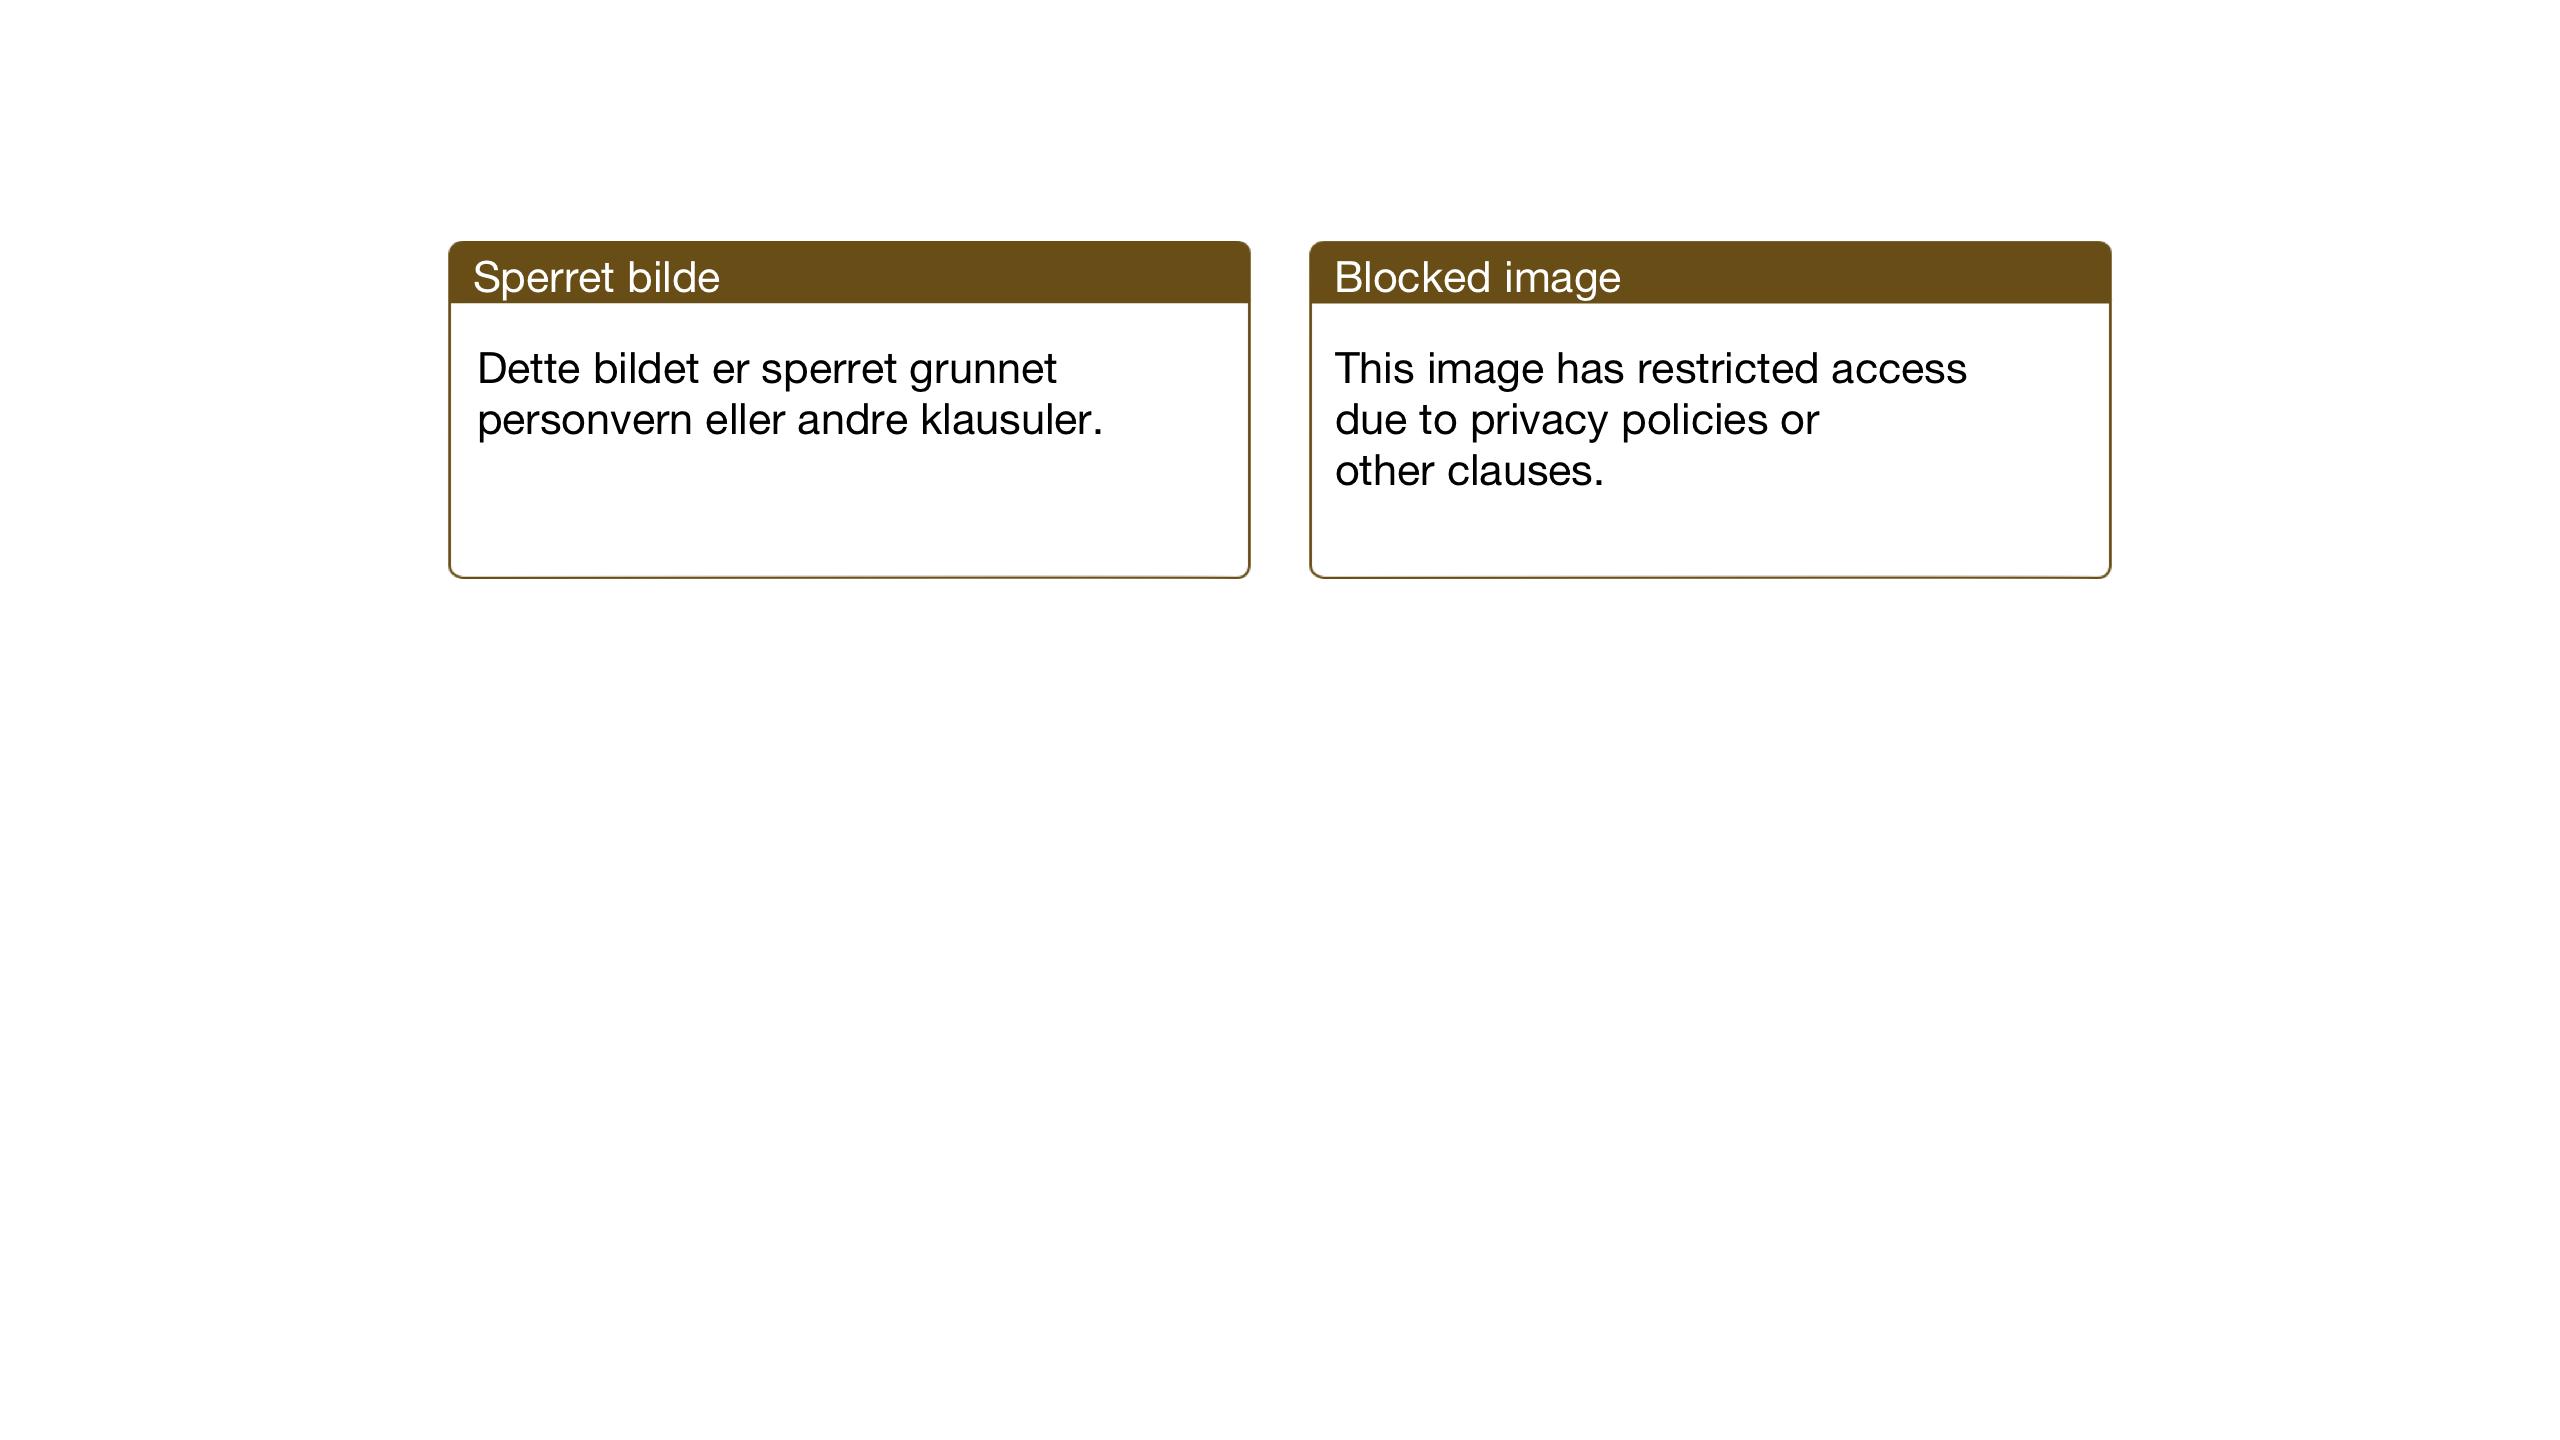 SAT, Ministerialprotokoller, klokkerbøker og fødselsregistre - Nord-Trøndelag, 710/L0097: Klokkerbok nr. 710C02, 1925-1955, s. 157